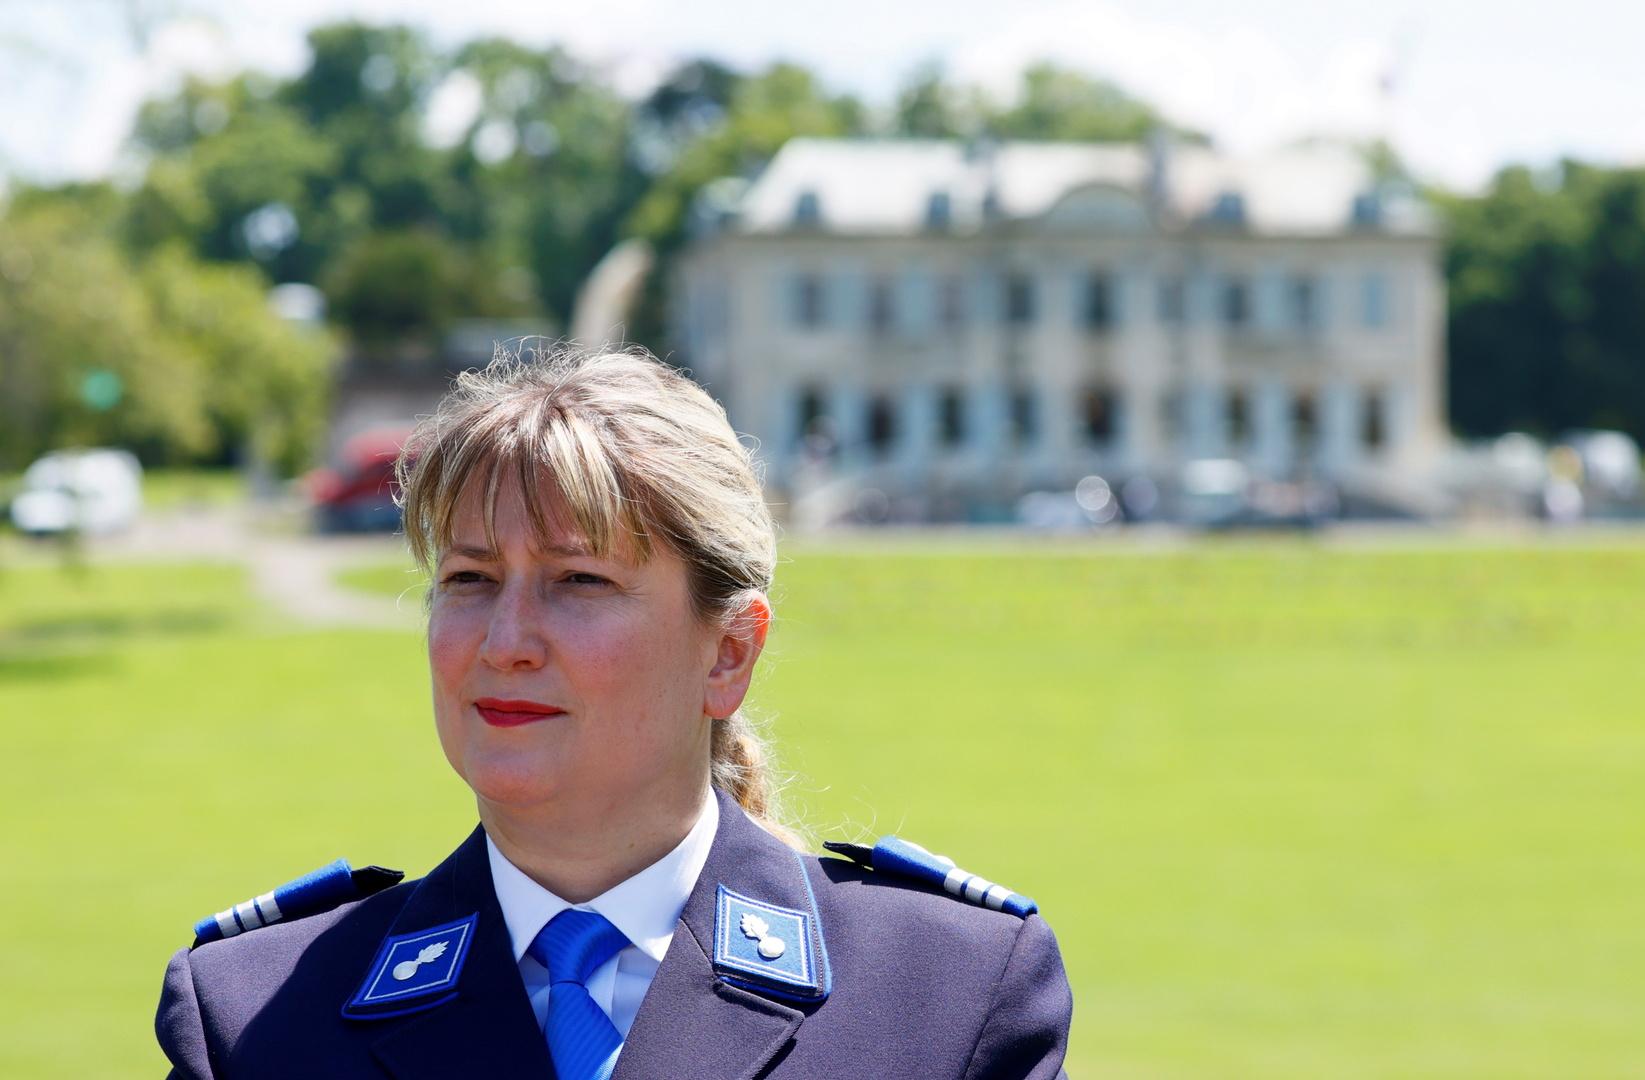 شرطة جنيفتكشف عن خططها واستعداداتها للقمة الروسية - الأمريكية